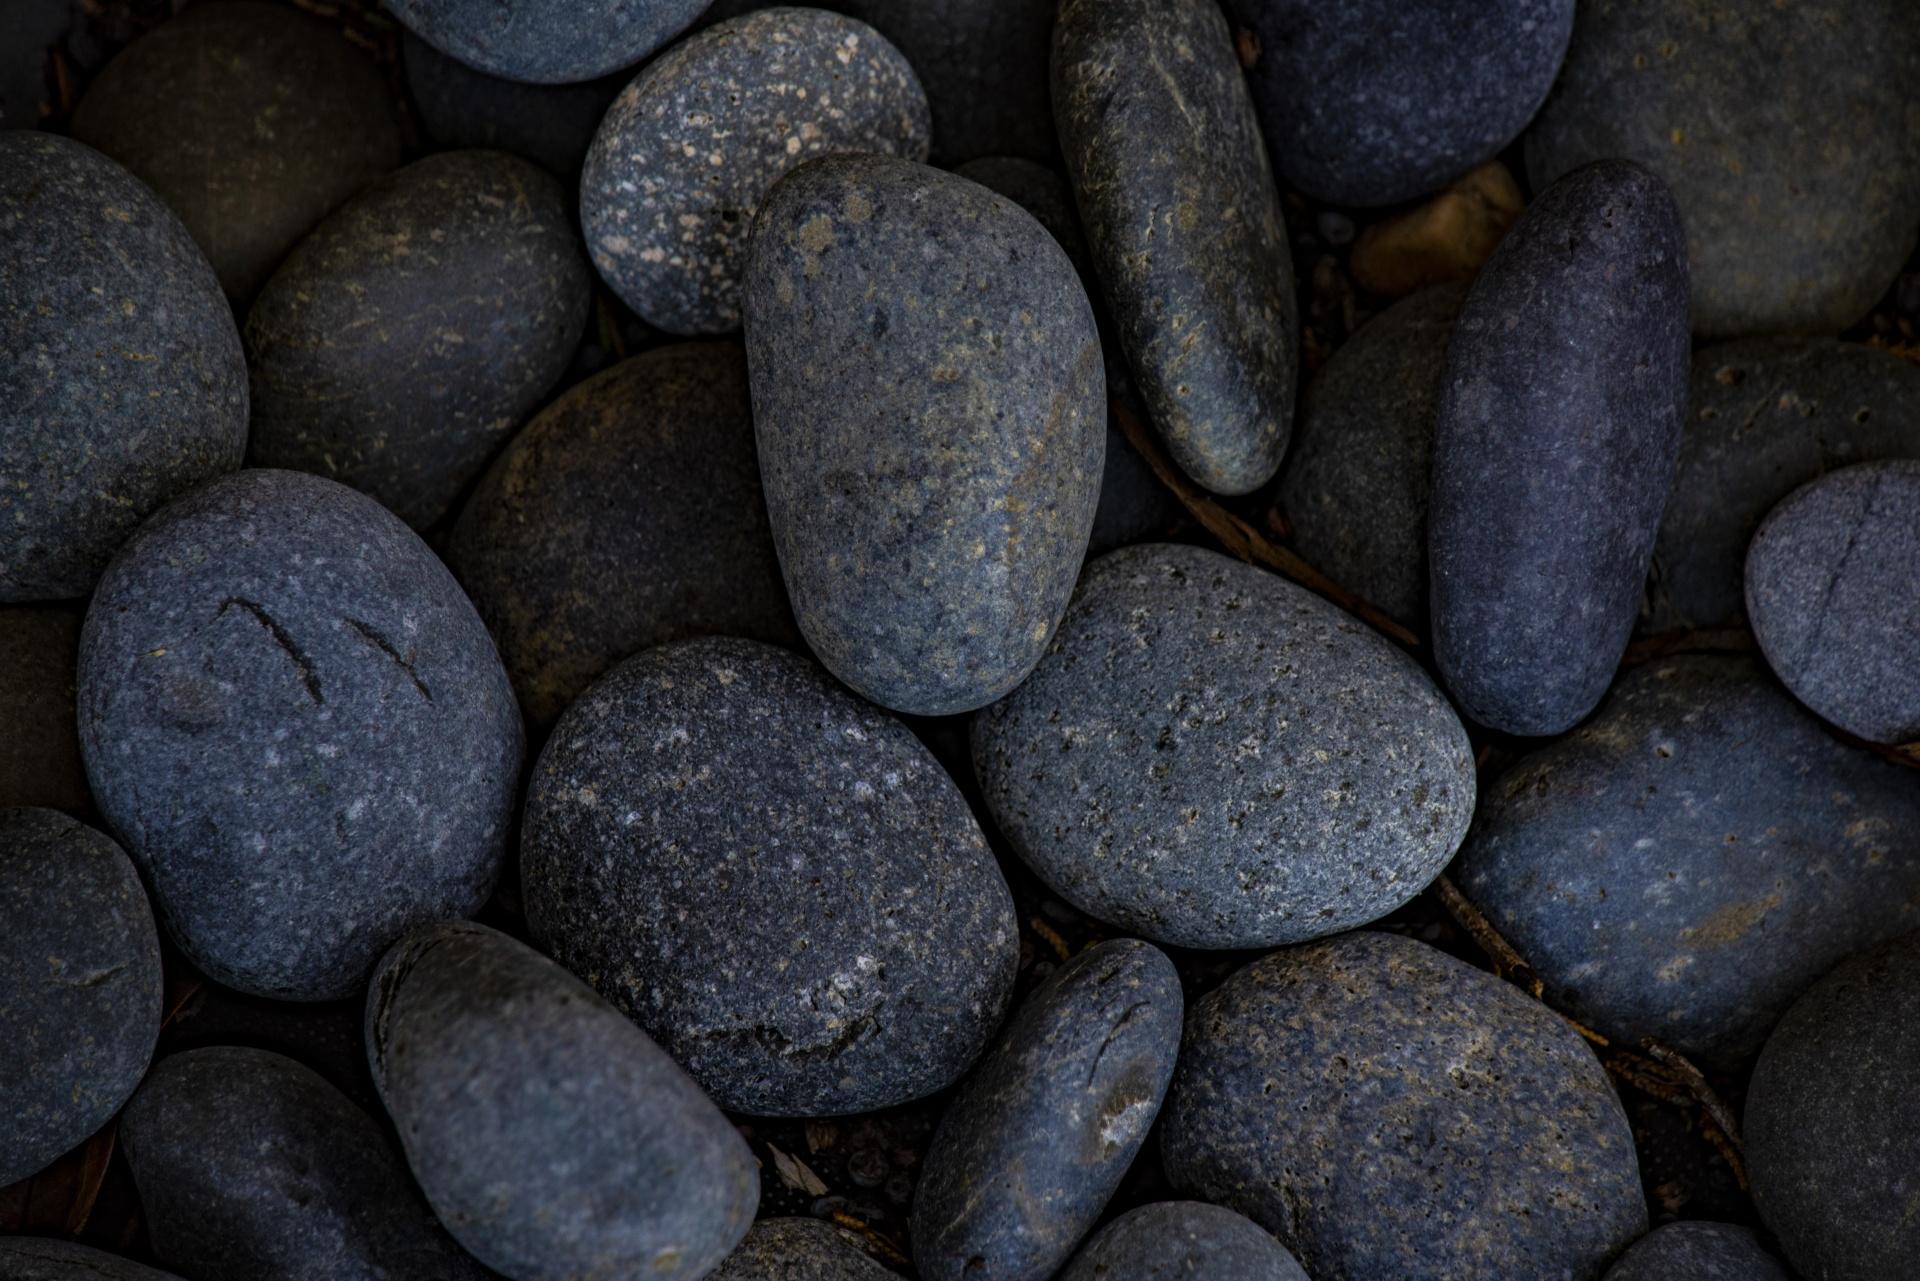 blue-round-rocks.jpg